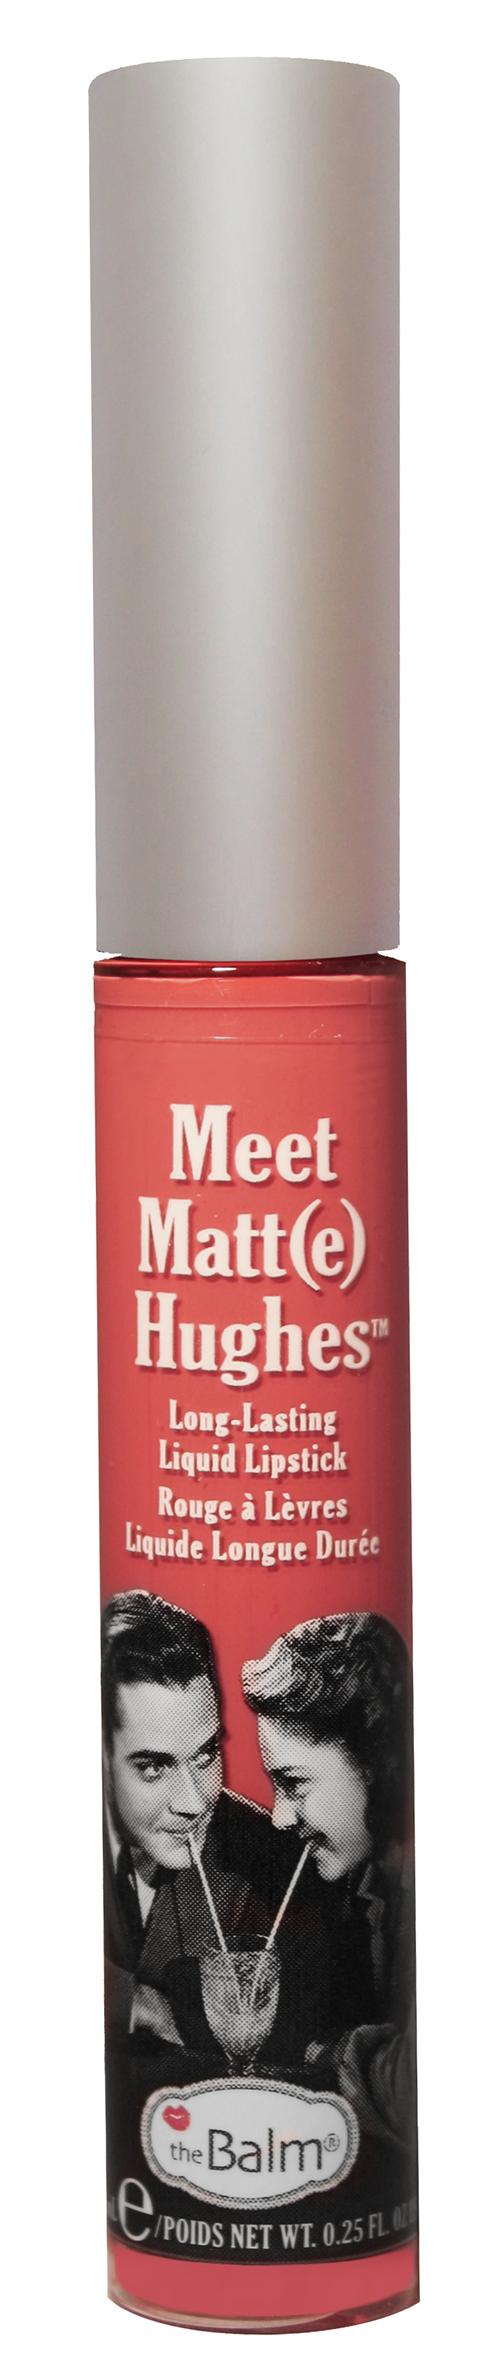 Meet Matte Hughes